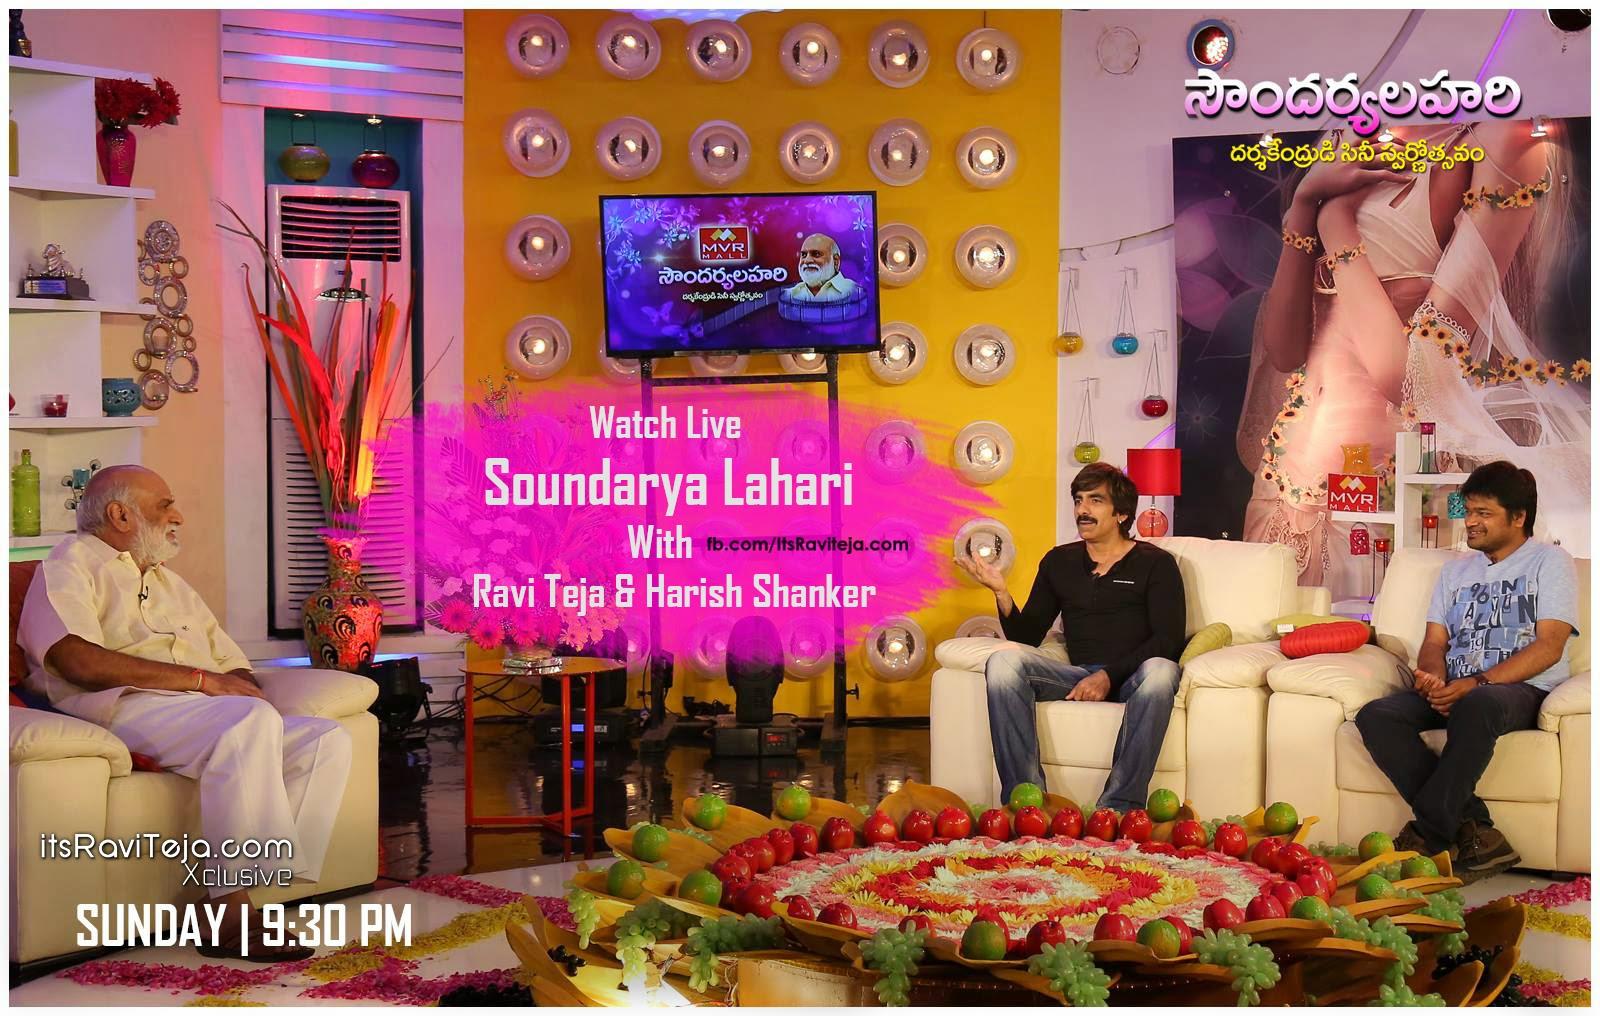 Watch Soundarya Lahari Live Ravi Teja Harish Shanker